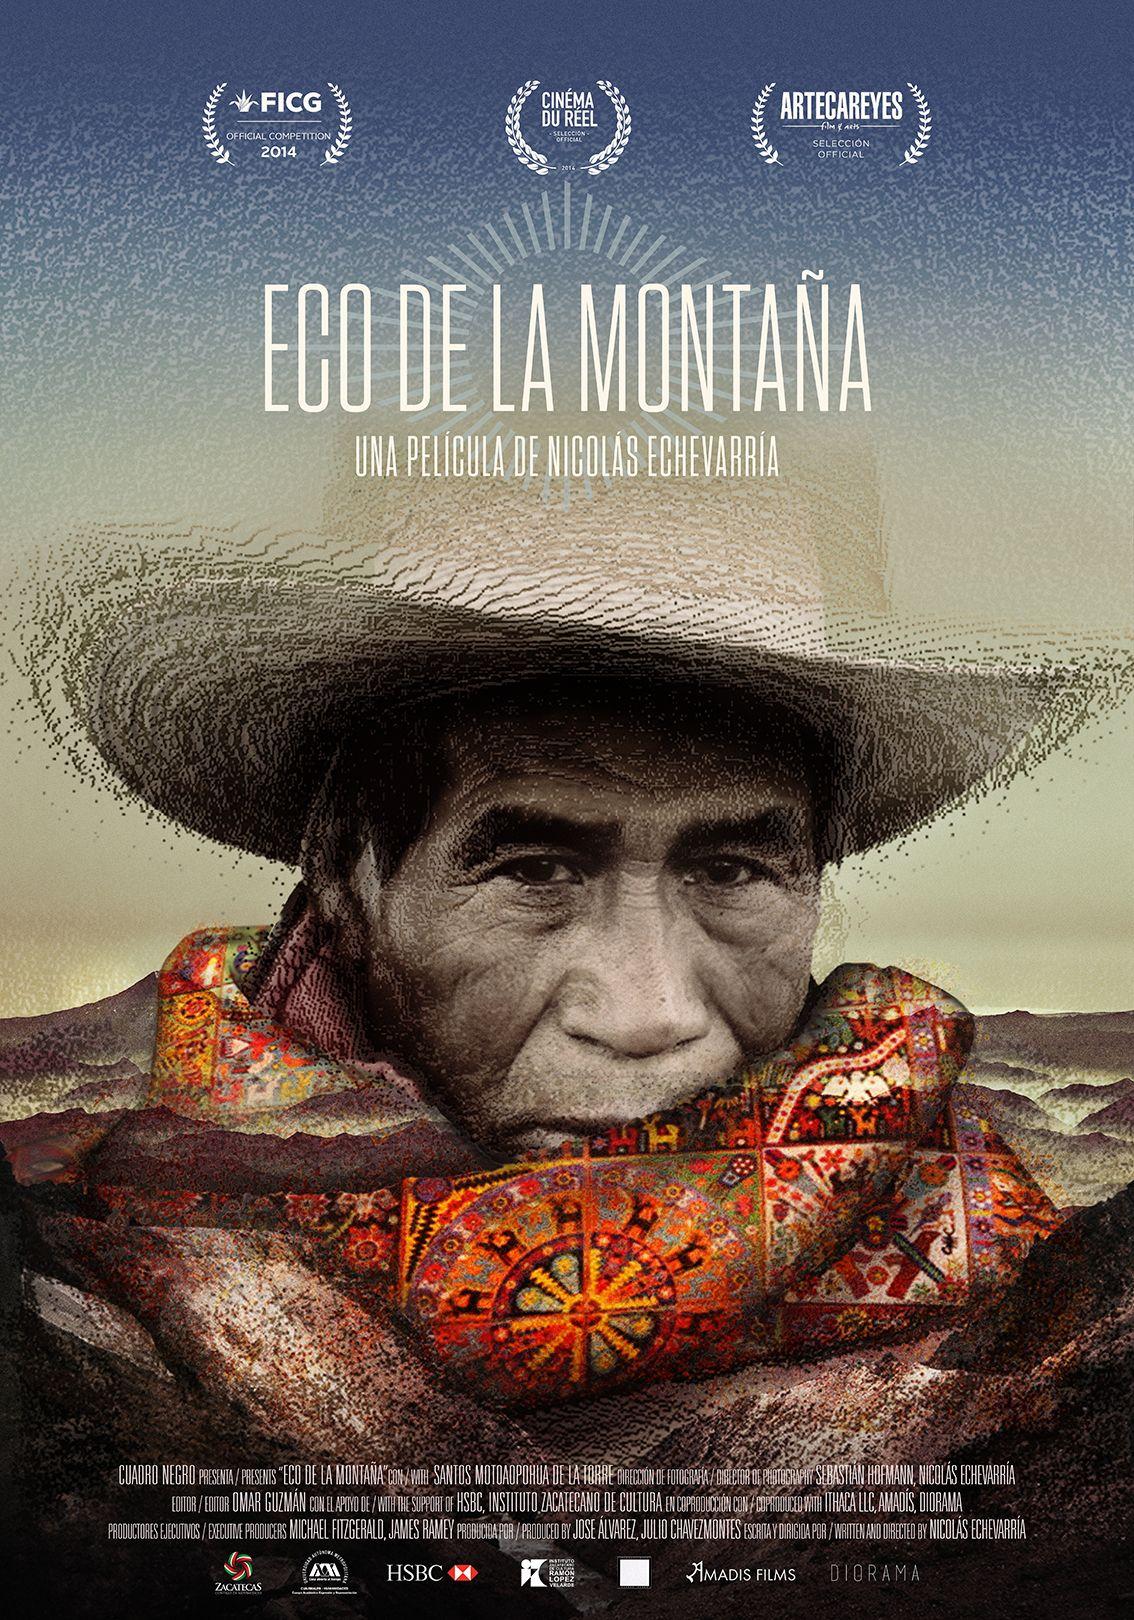 NeoMexicanismos - cine-mexicano: Cine-mexicano's top 10 films of... Eco de la montaña Nicolás Echevarría